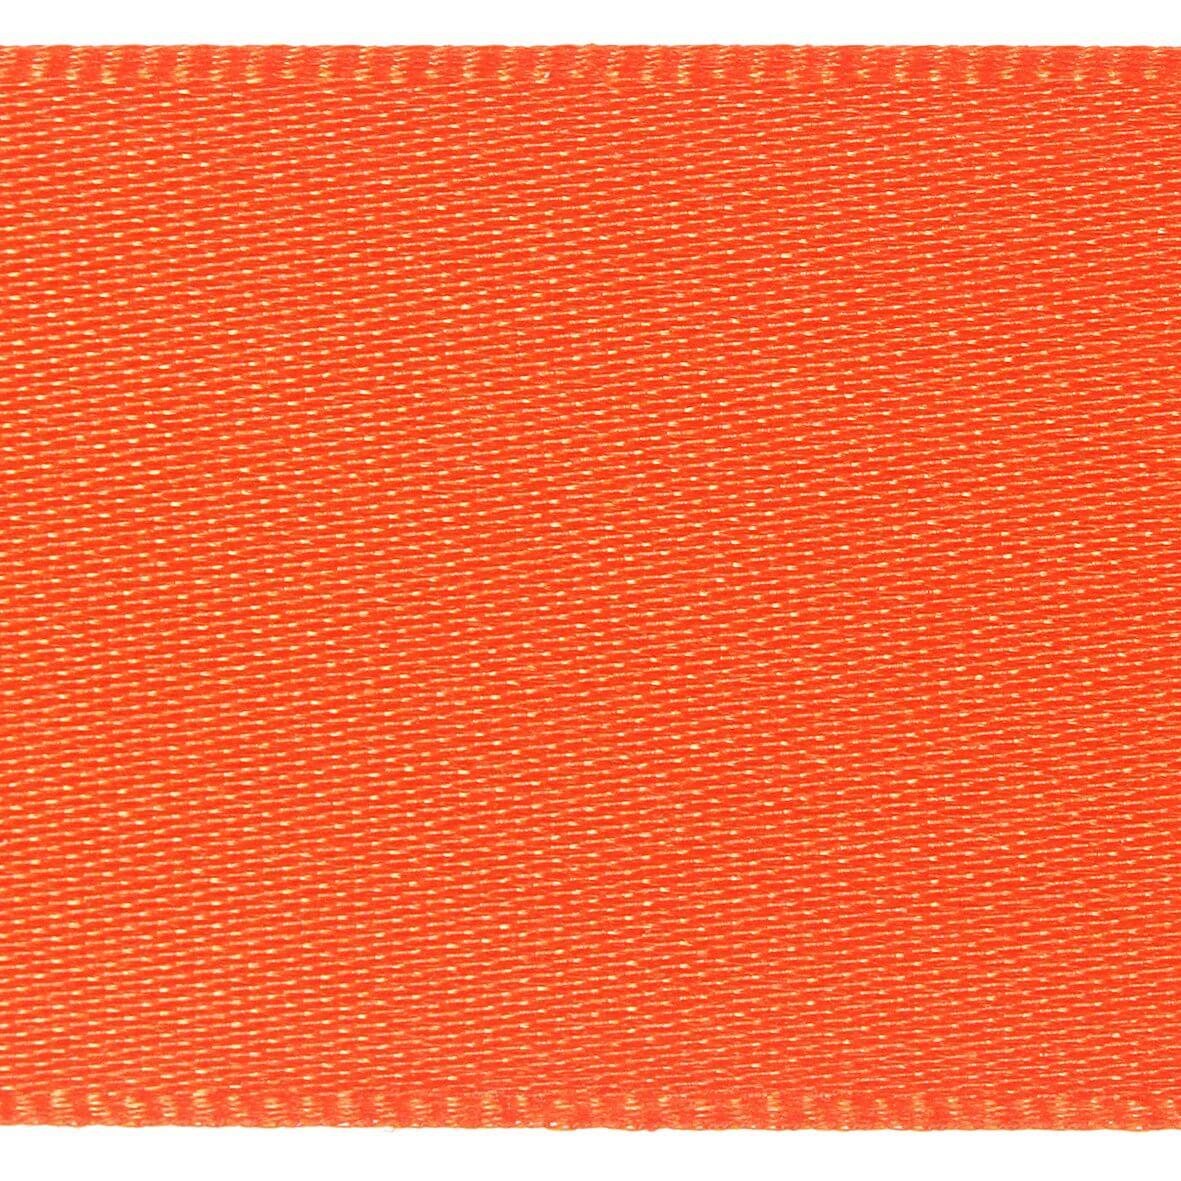 10mm Berisfords Satin Ribbon - Flame Colour 677